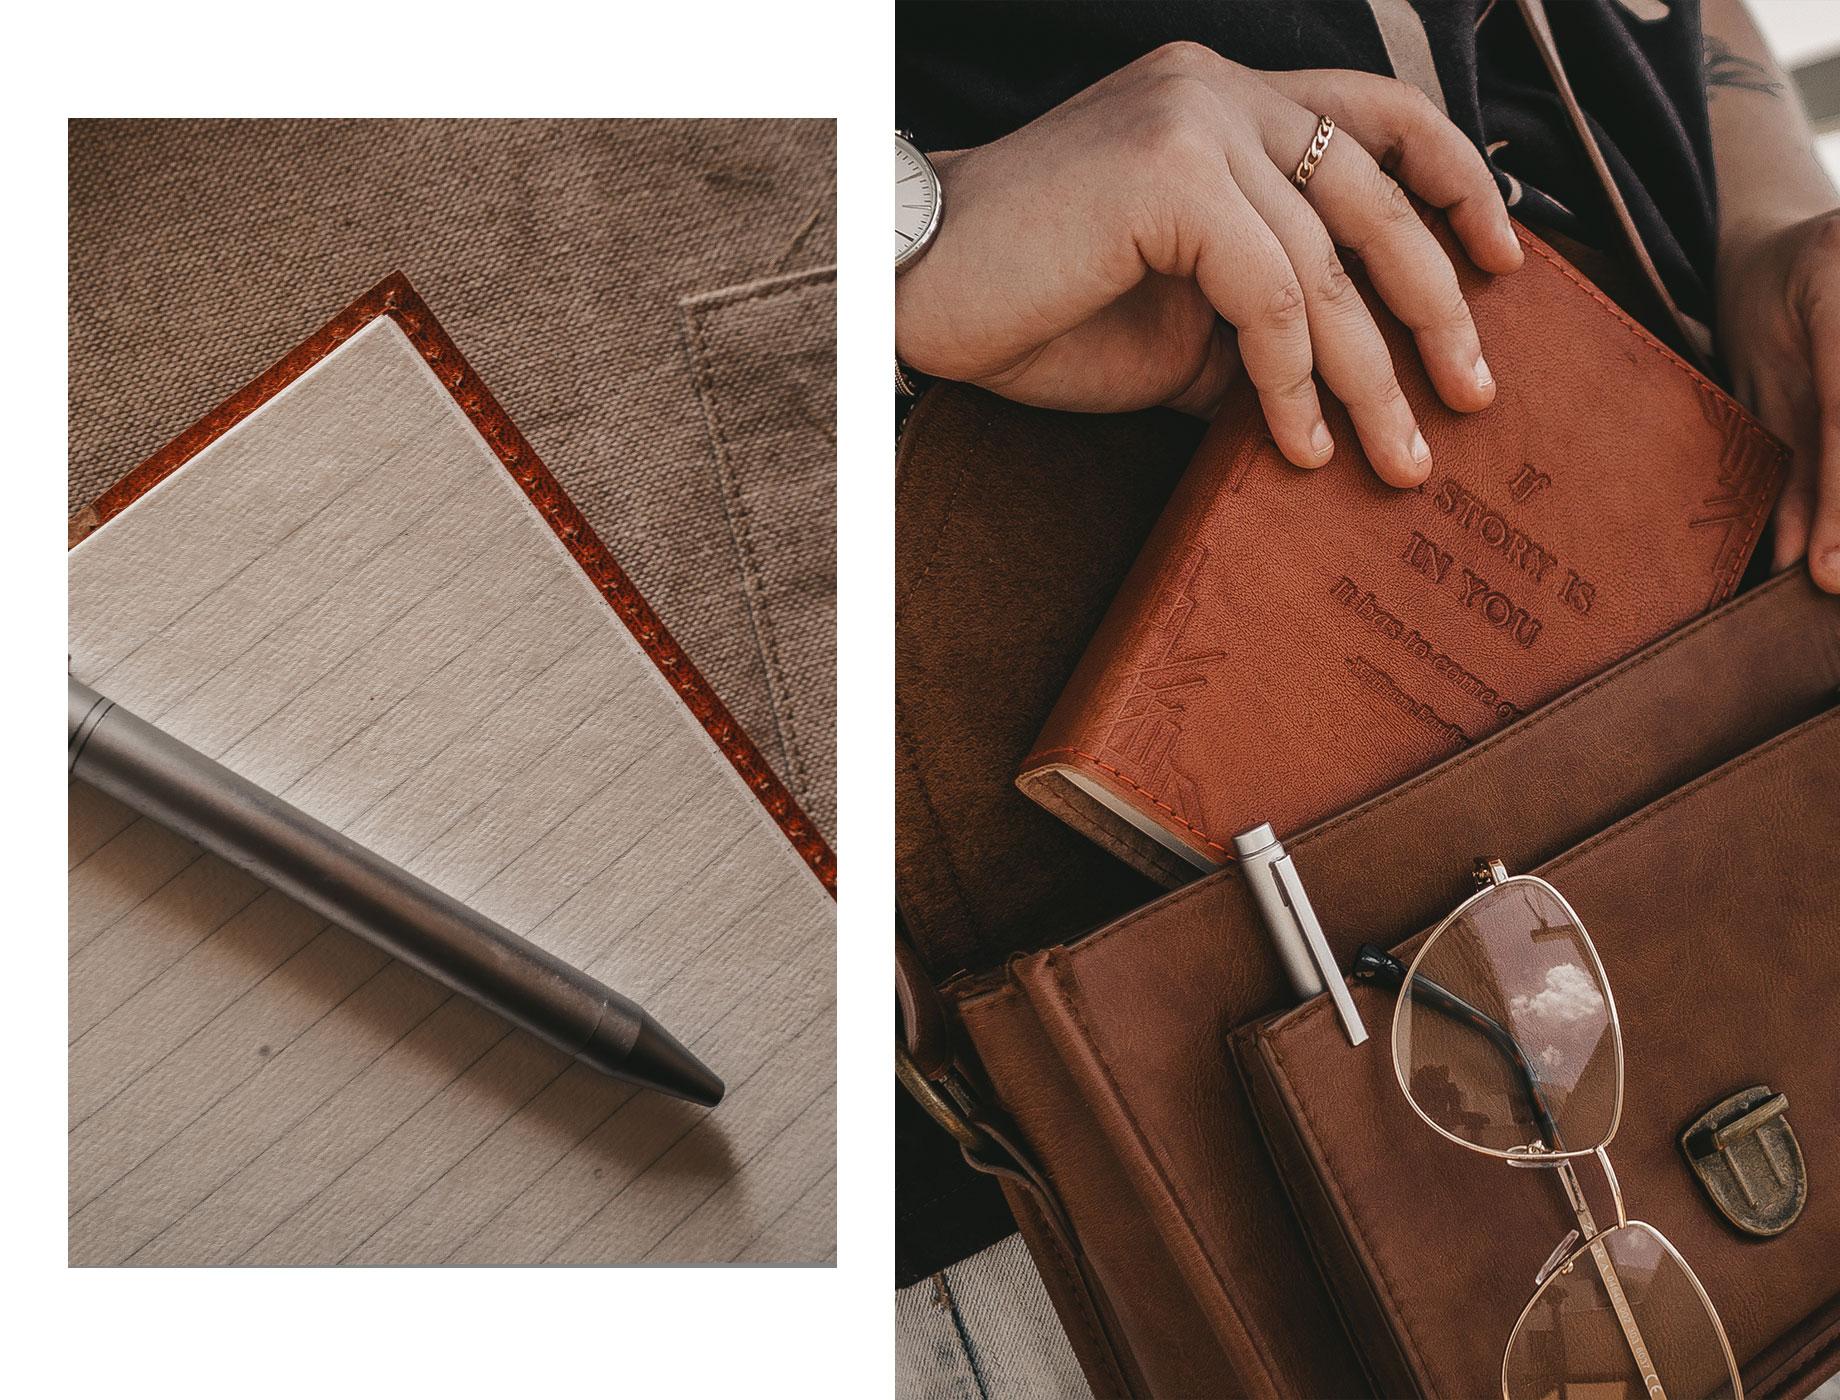 Soothi Journals